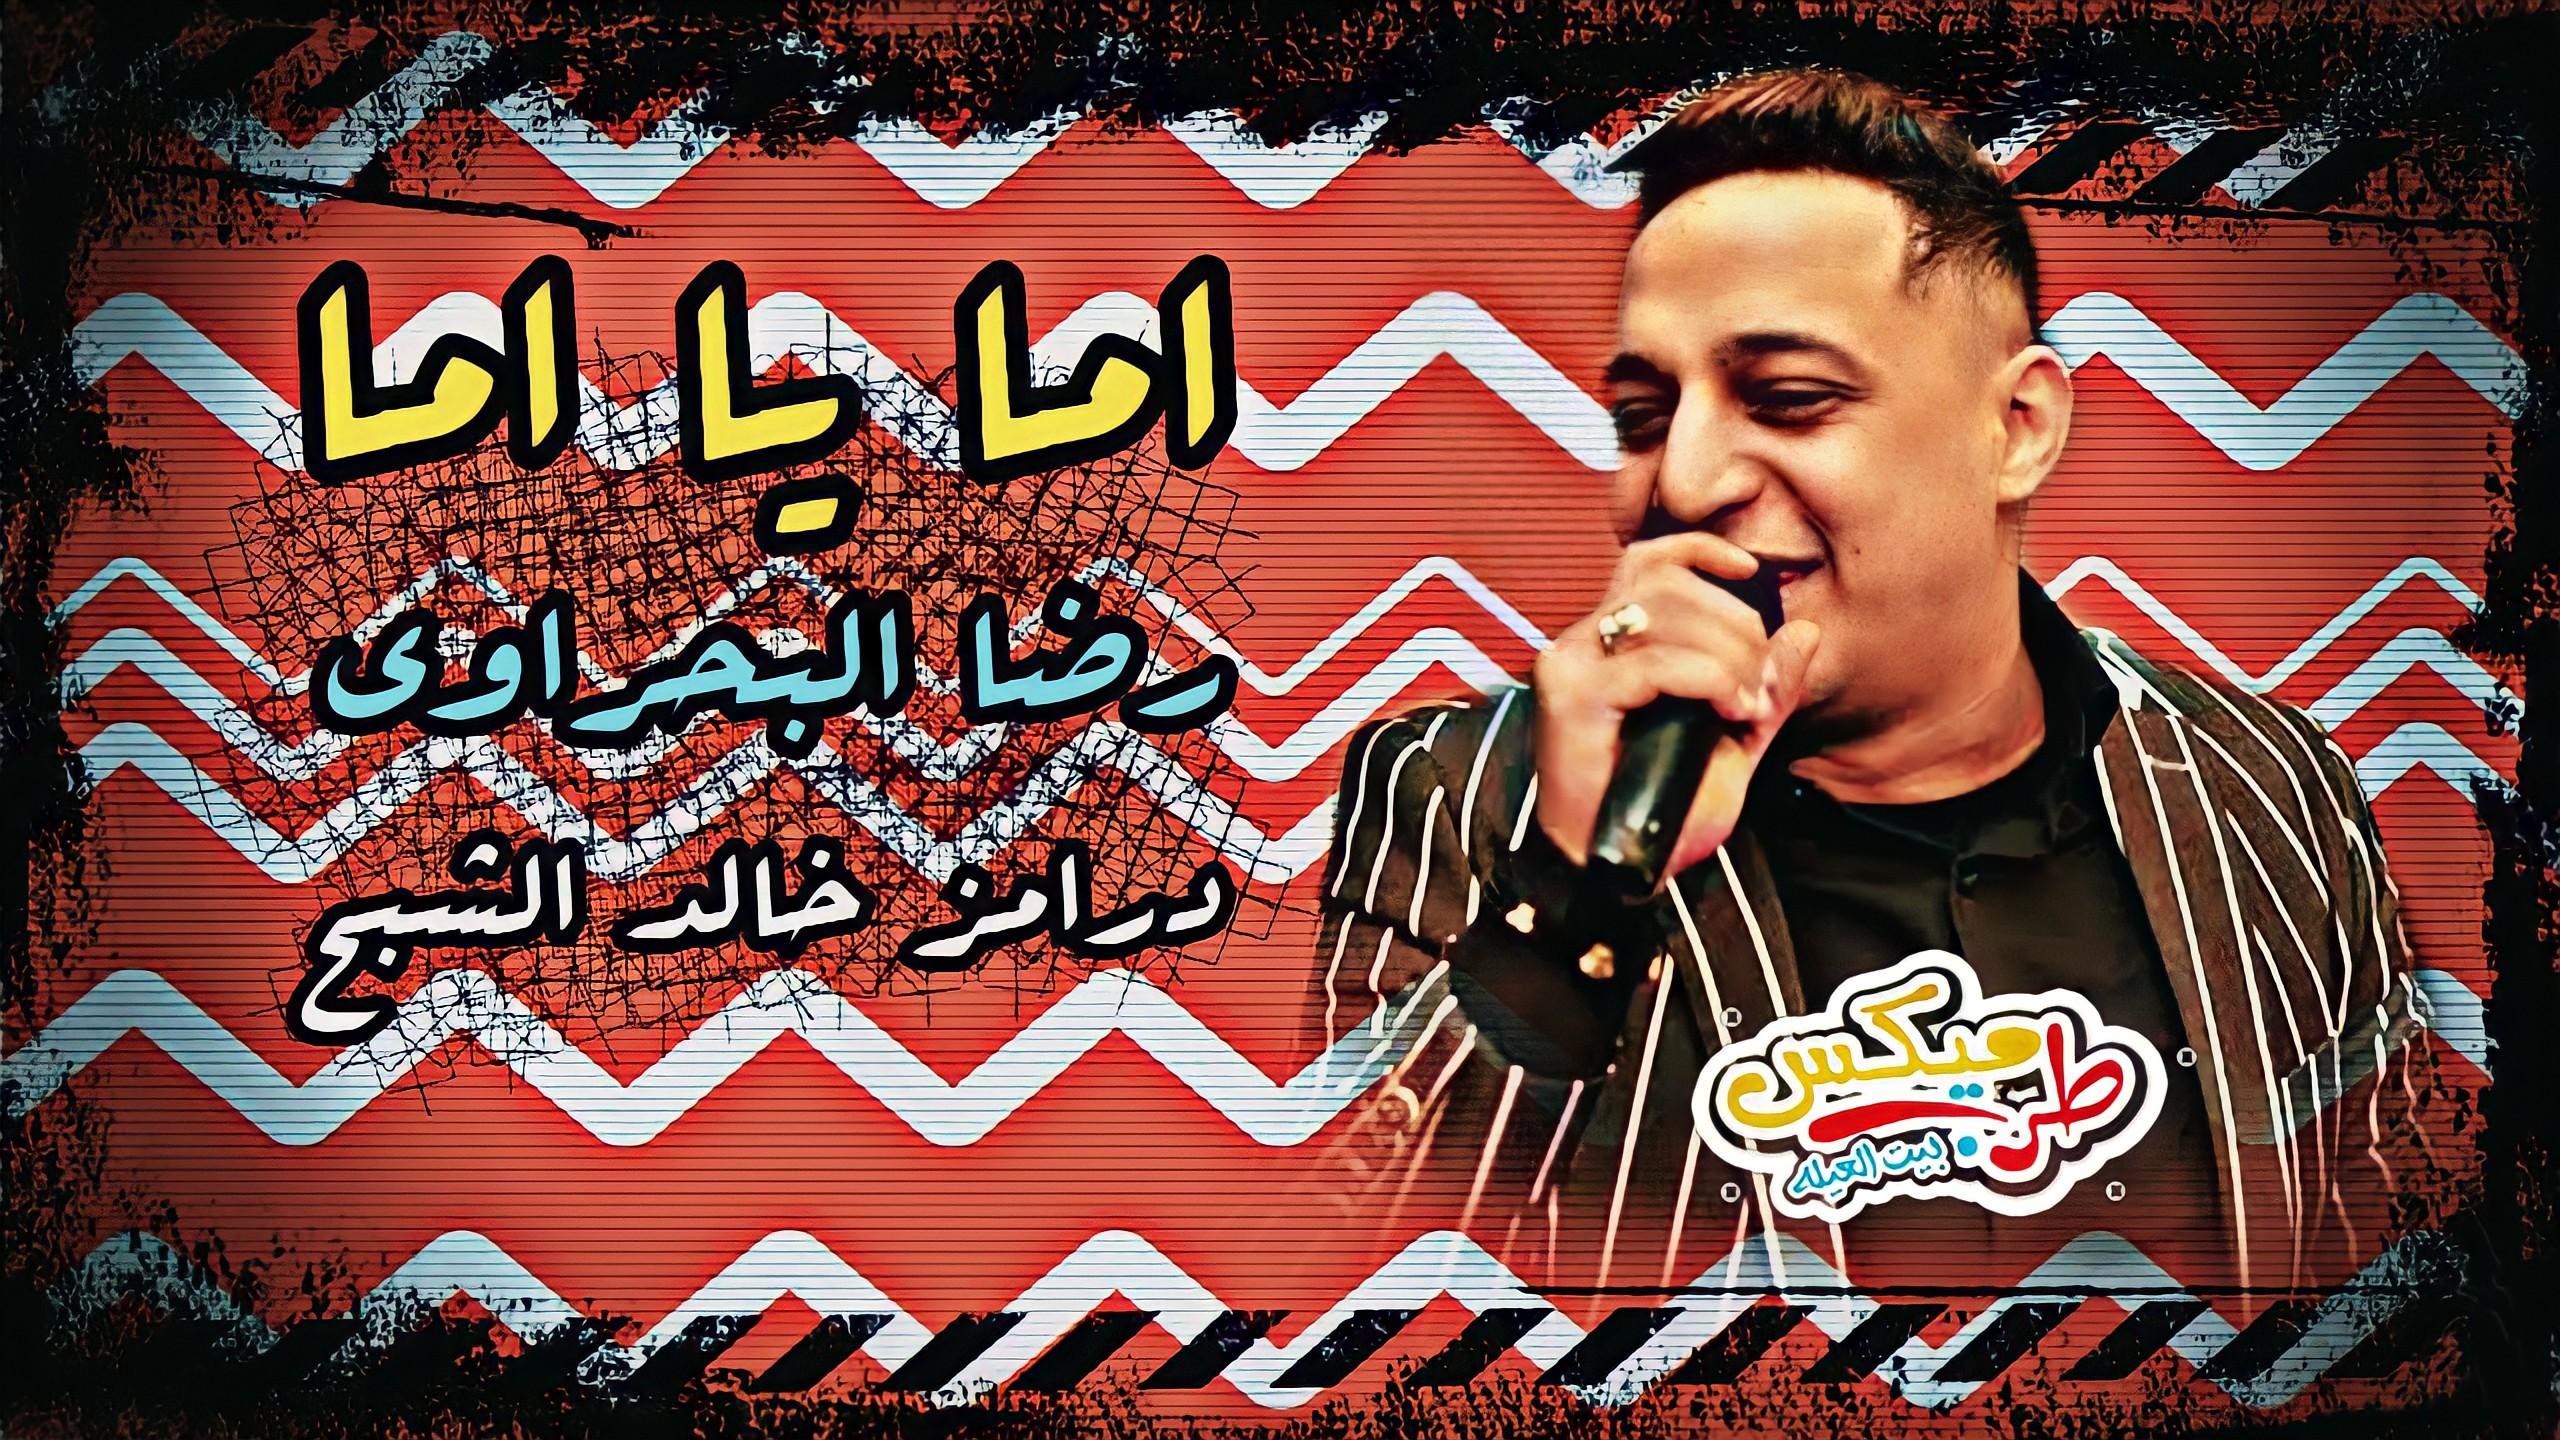 رضا البحراوي 2021 اغنية اما يا اما 2021 توزيع درامز خالد الشبح